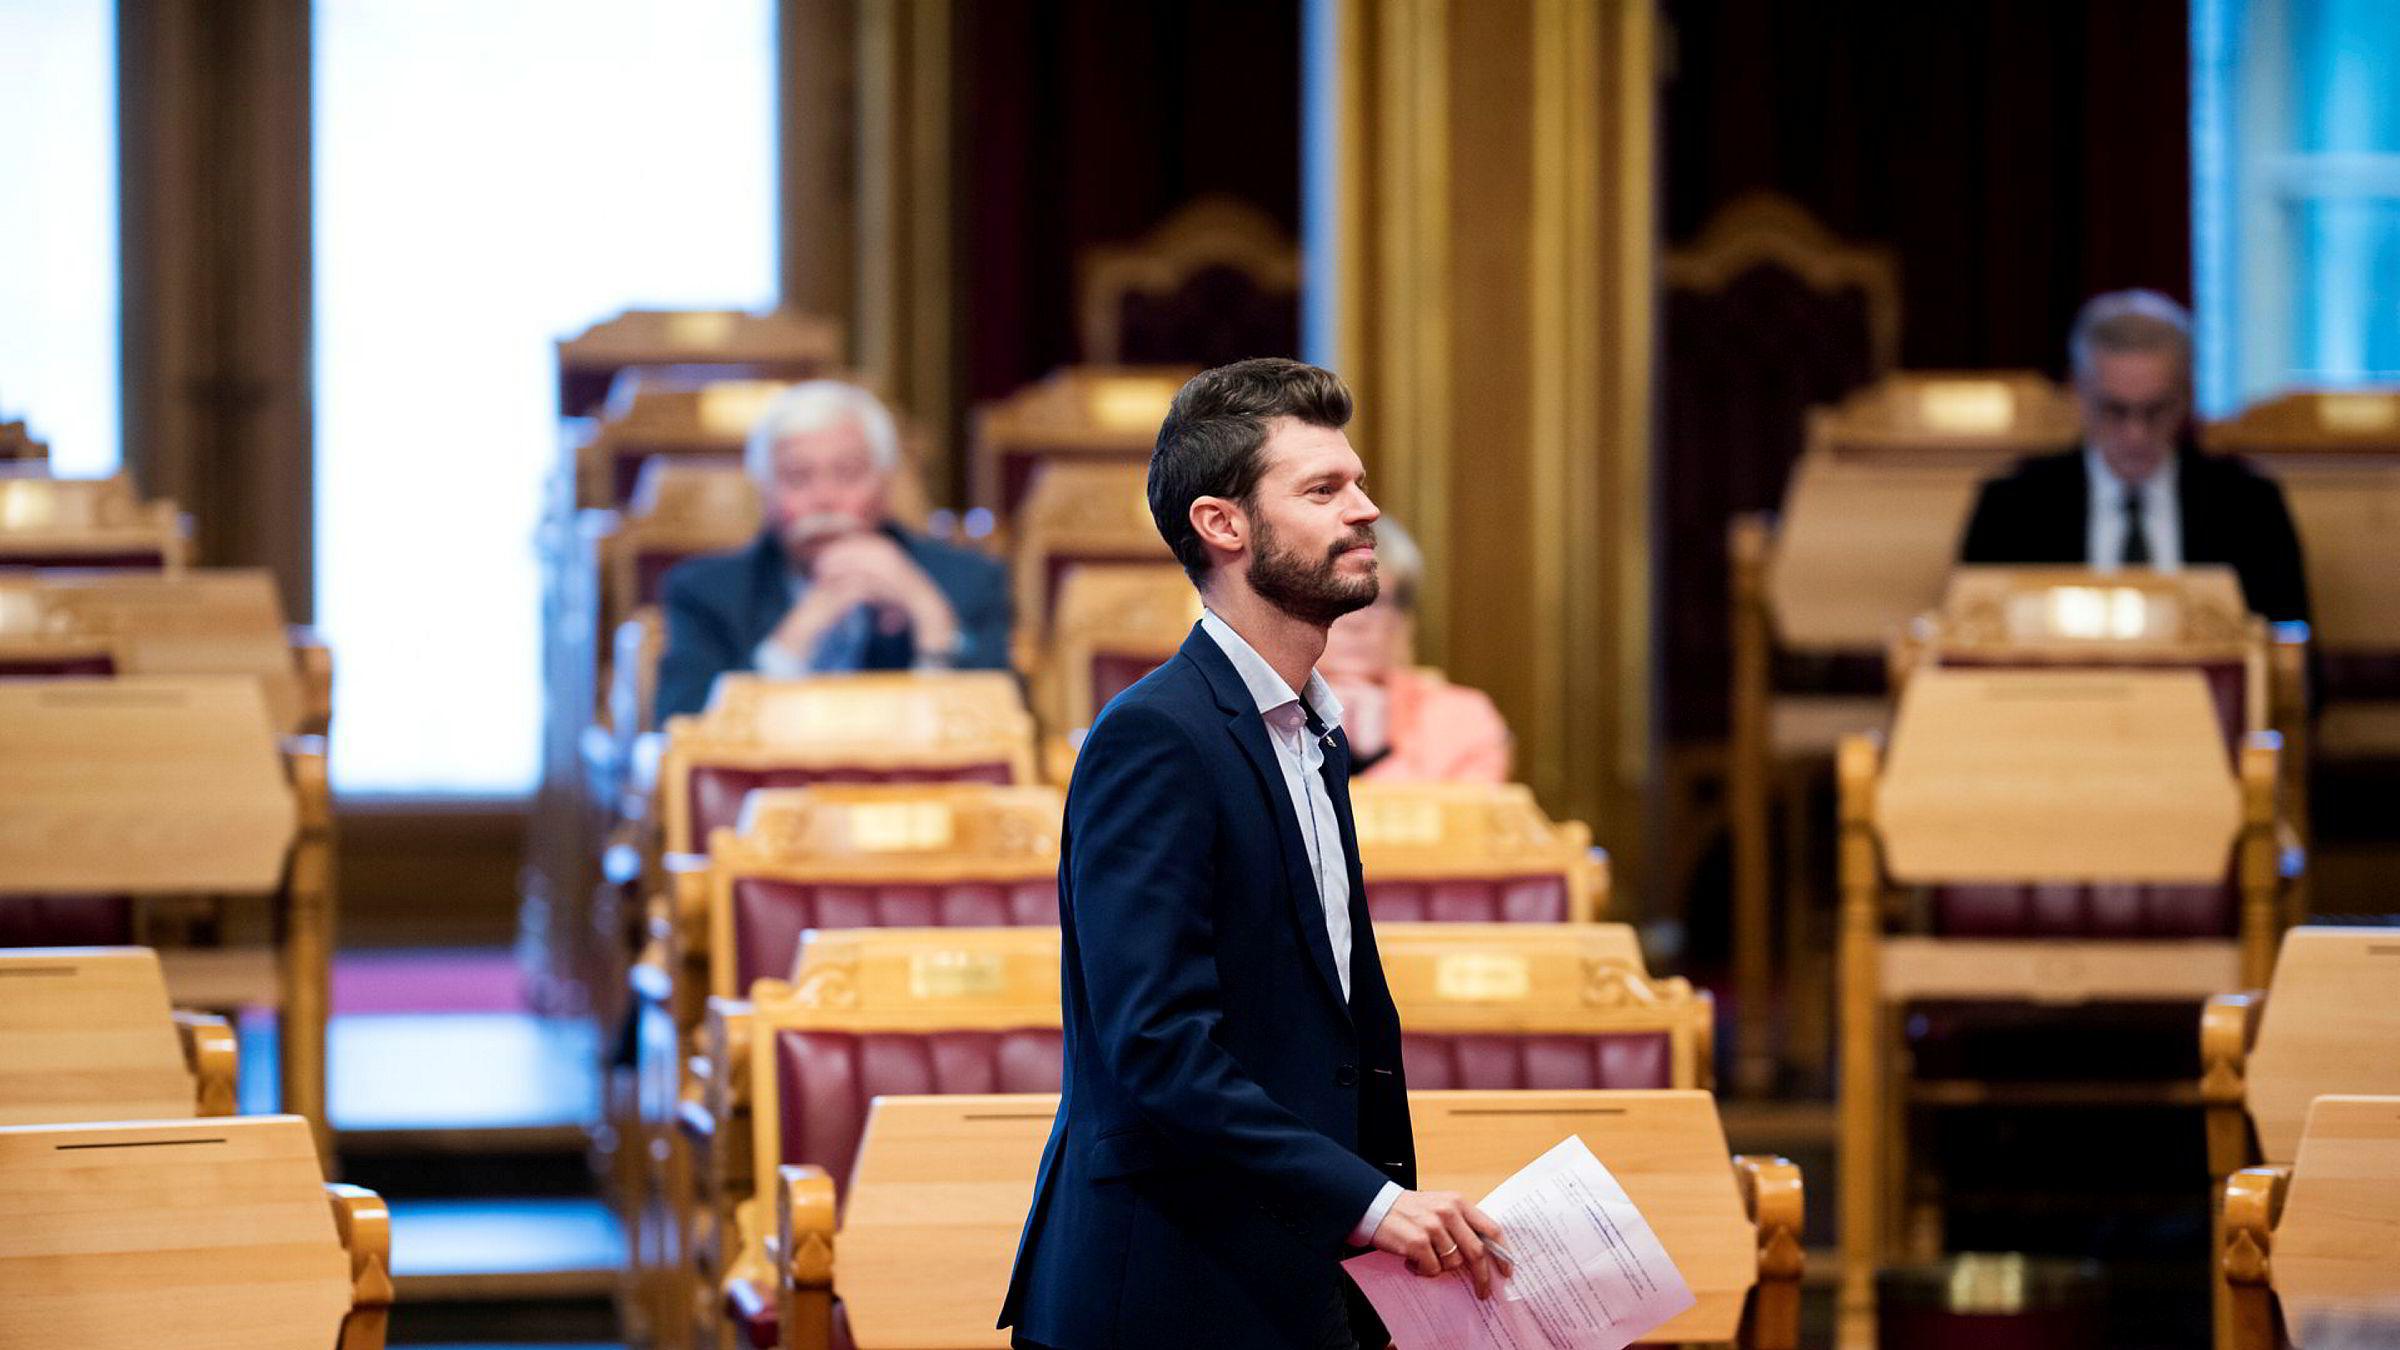 Spontanspørretime med statsminister Erna Solberg. Bjørnar Moxnes stiller spørsmål til statsministeren.